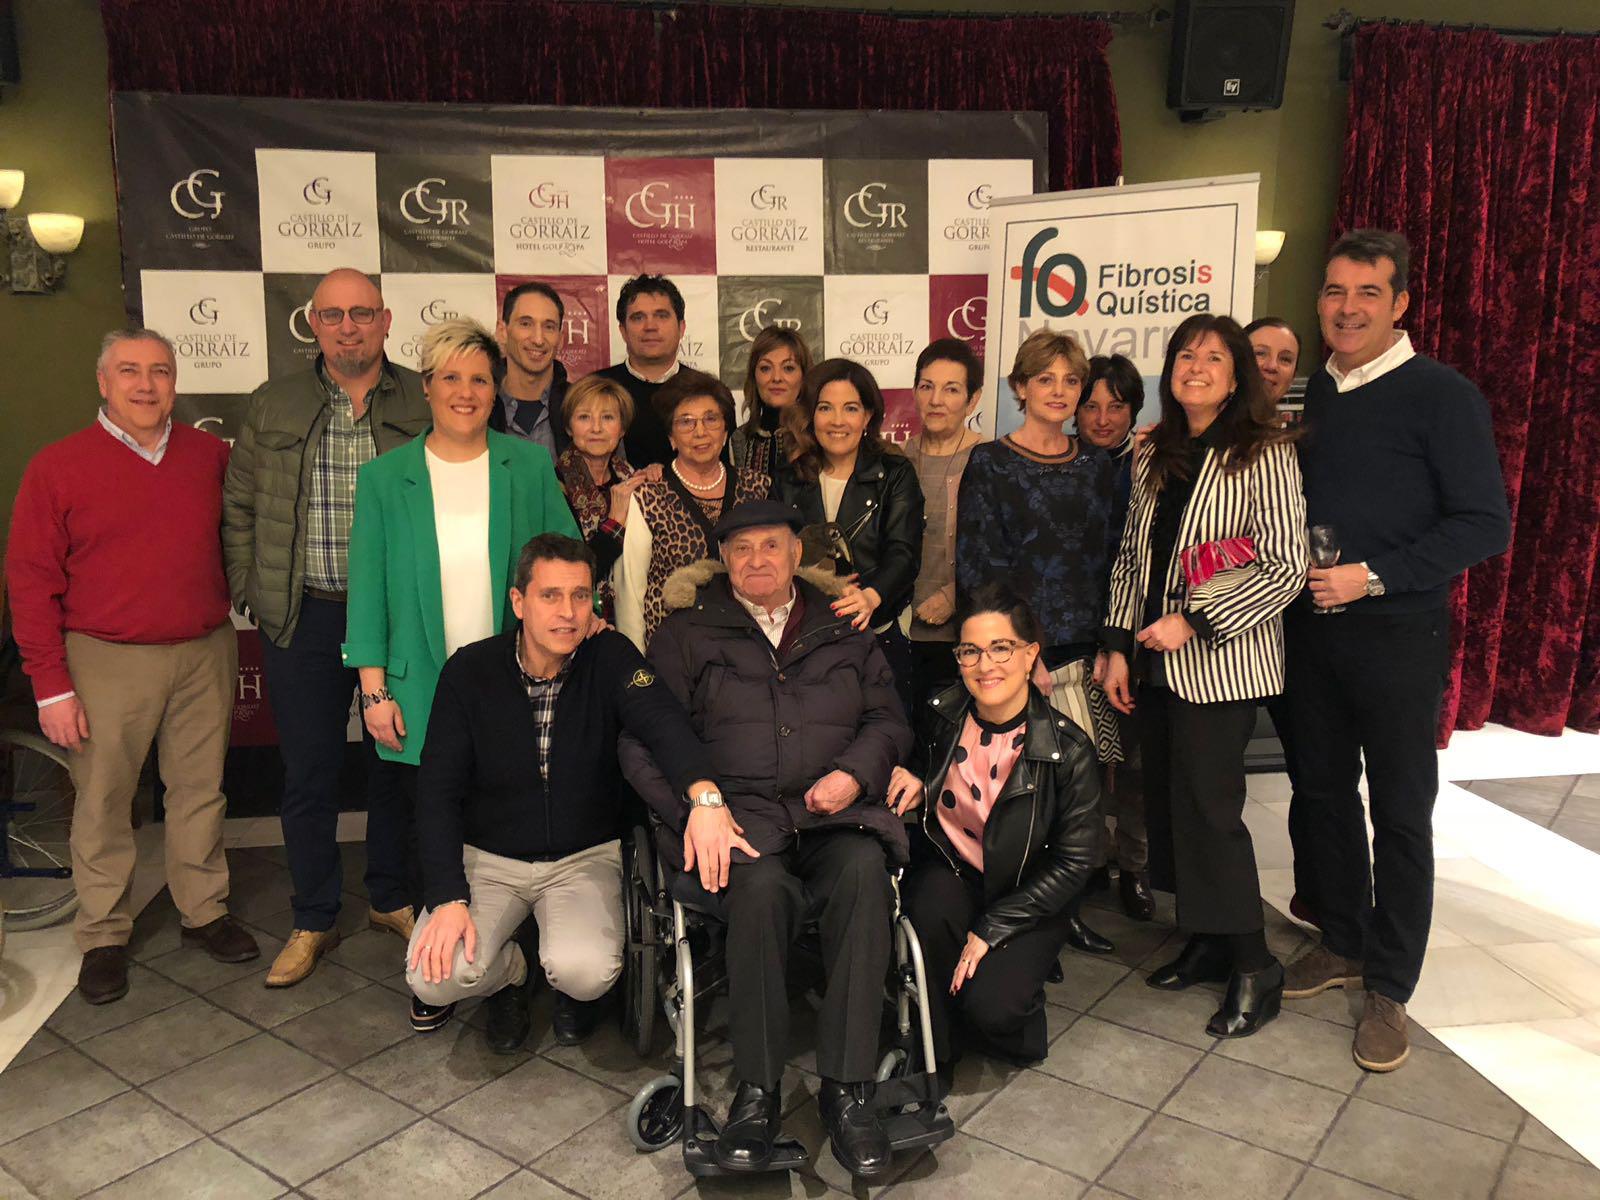 FOTO DE GRUPO DE SOCIOS/AS (de una gala celebrada el pasado año)